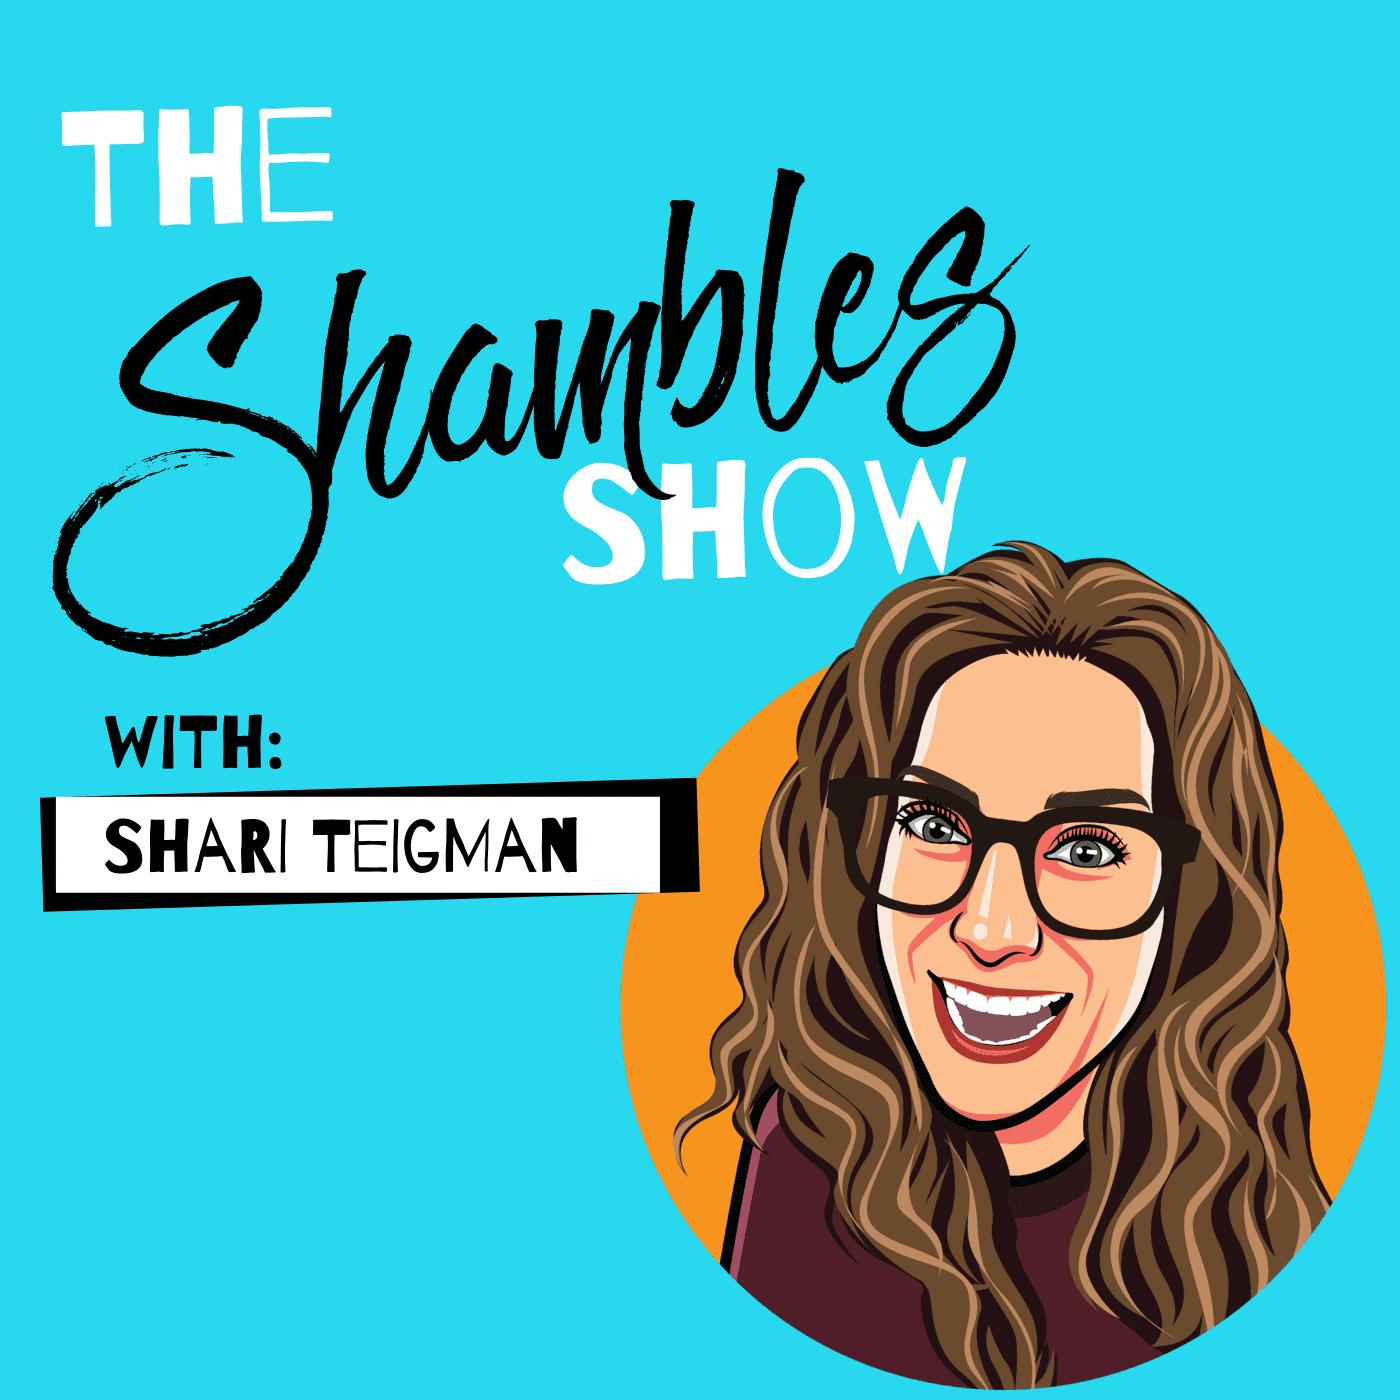 shambles show